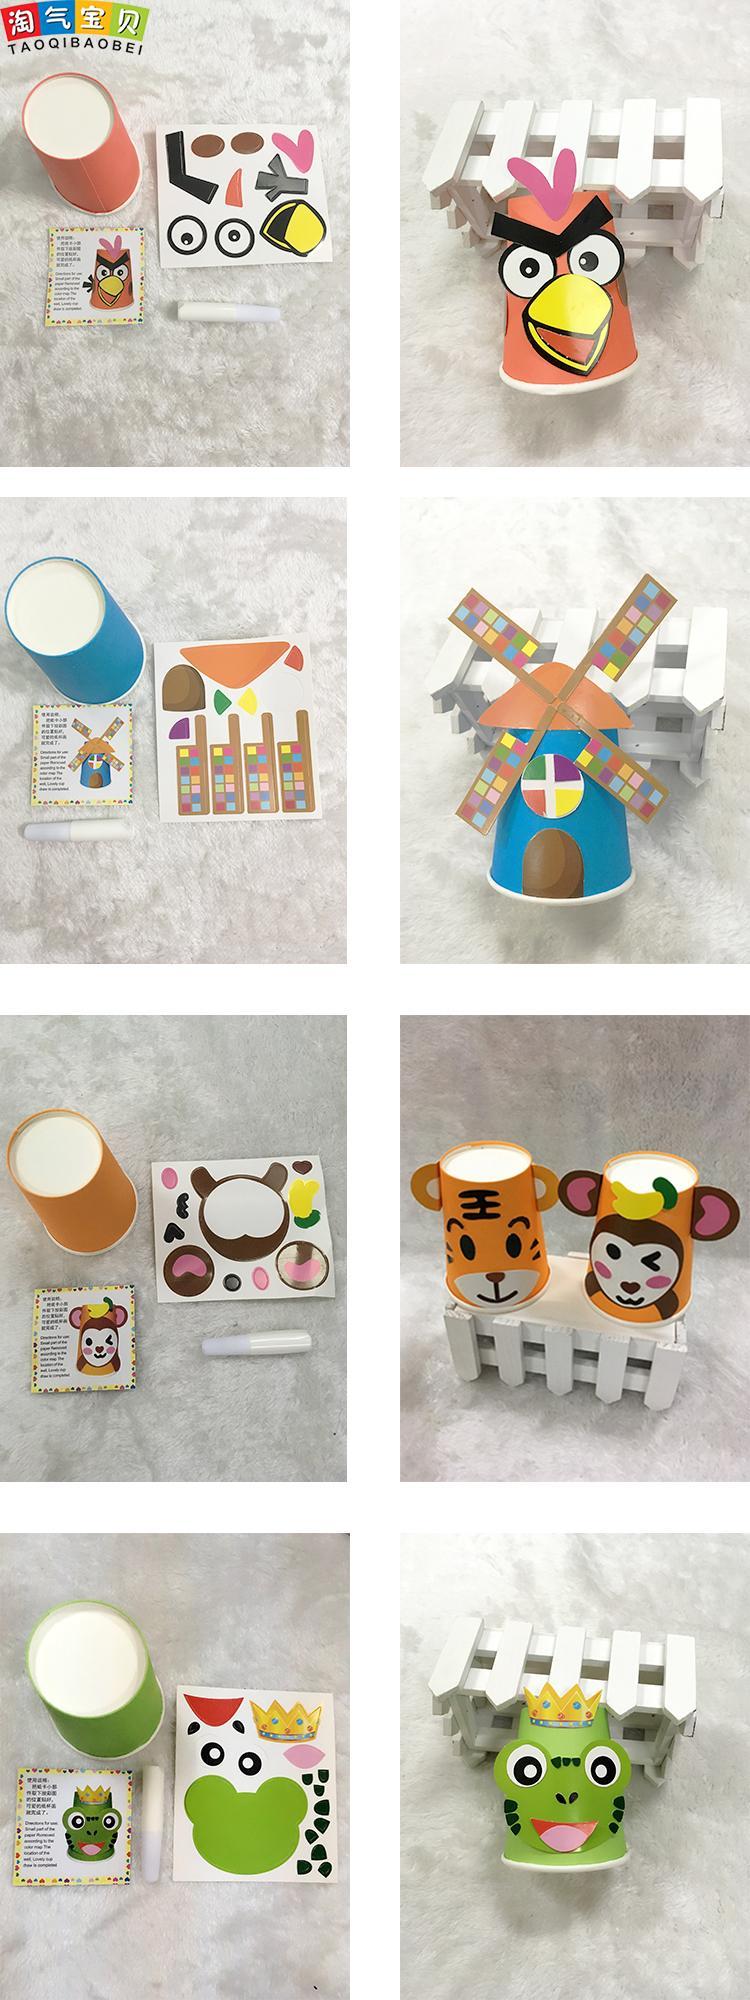 儿童卡通纸杯粘贴画幼儿园手工制作diy材料包创意立体粘贴画玩具 美丽